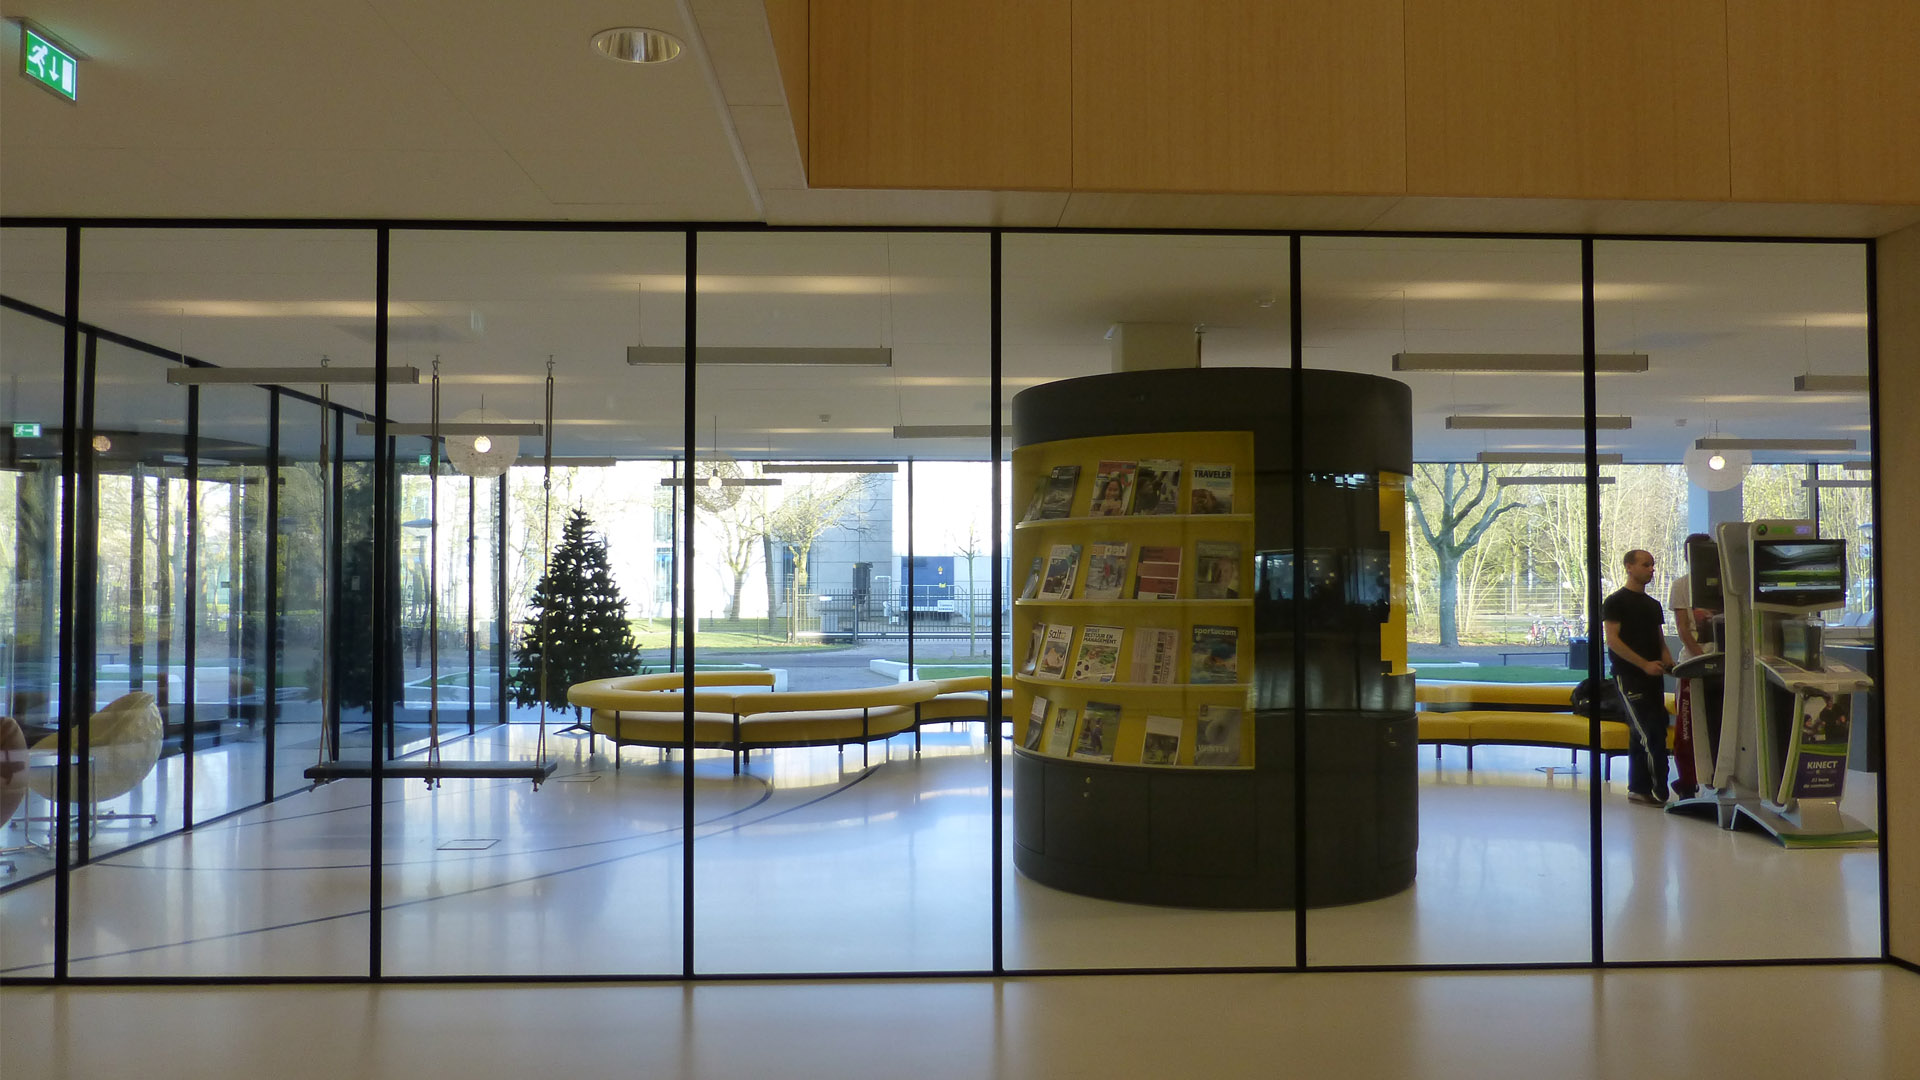 Steel glazed indoor doors in the Fontys Sport high school, Eindhoven, The Netherlands